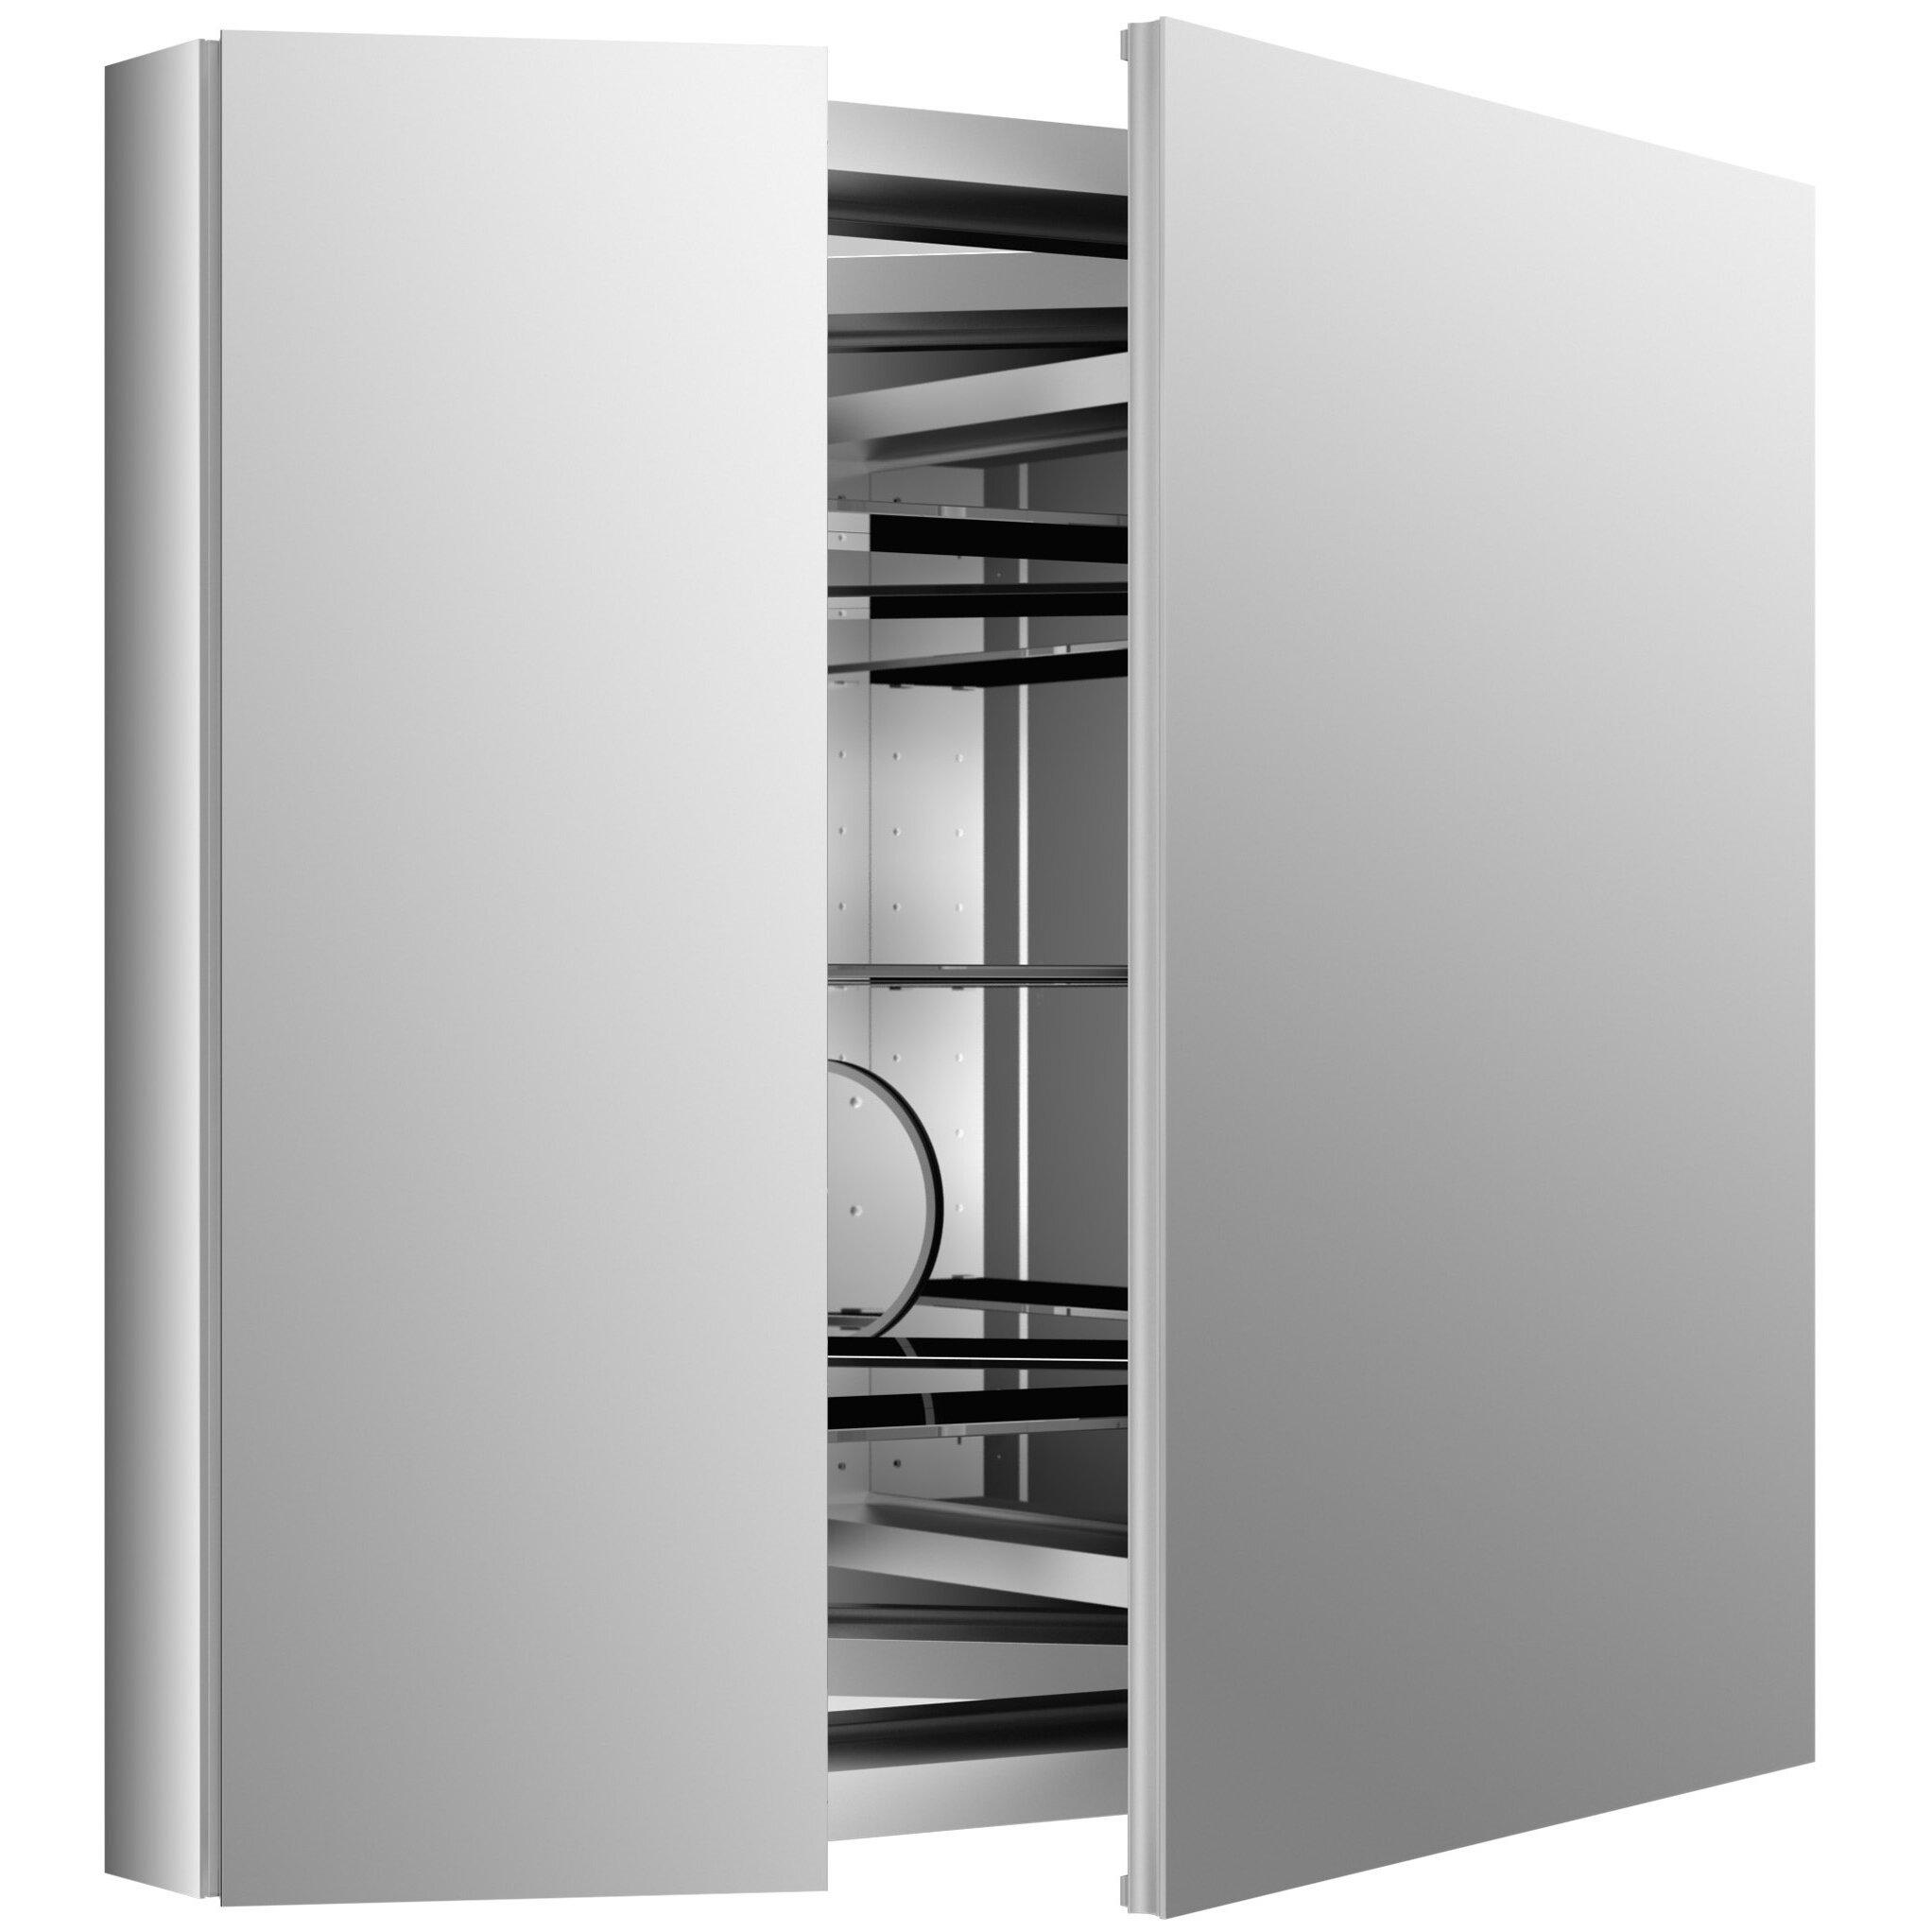 kohler verdera 34 w x 30 h aluminum medicine cabinet. Black Bedroom Furniture Sets. Home Design Ideas